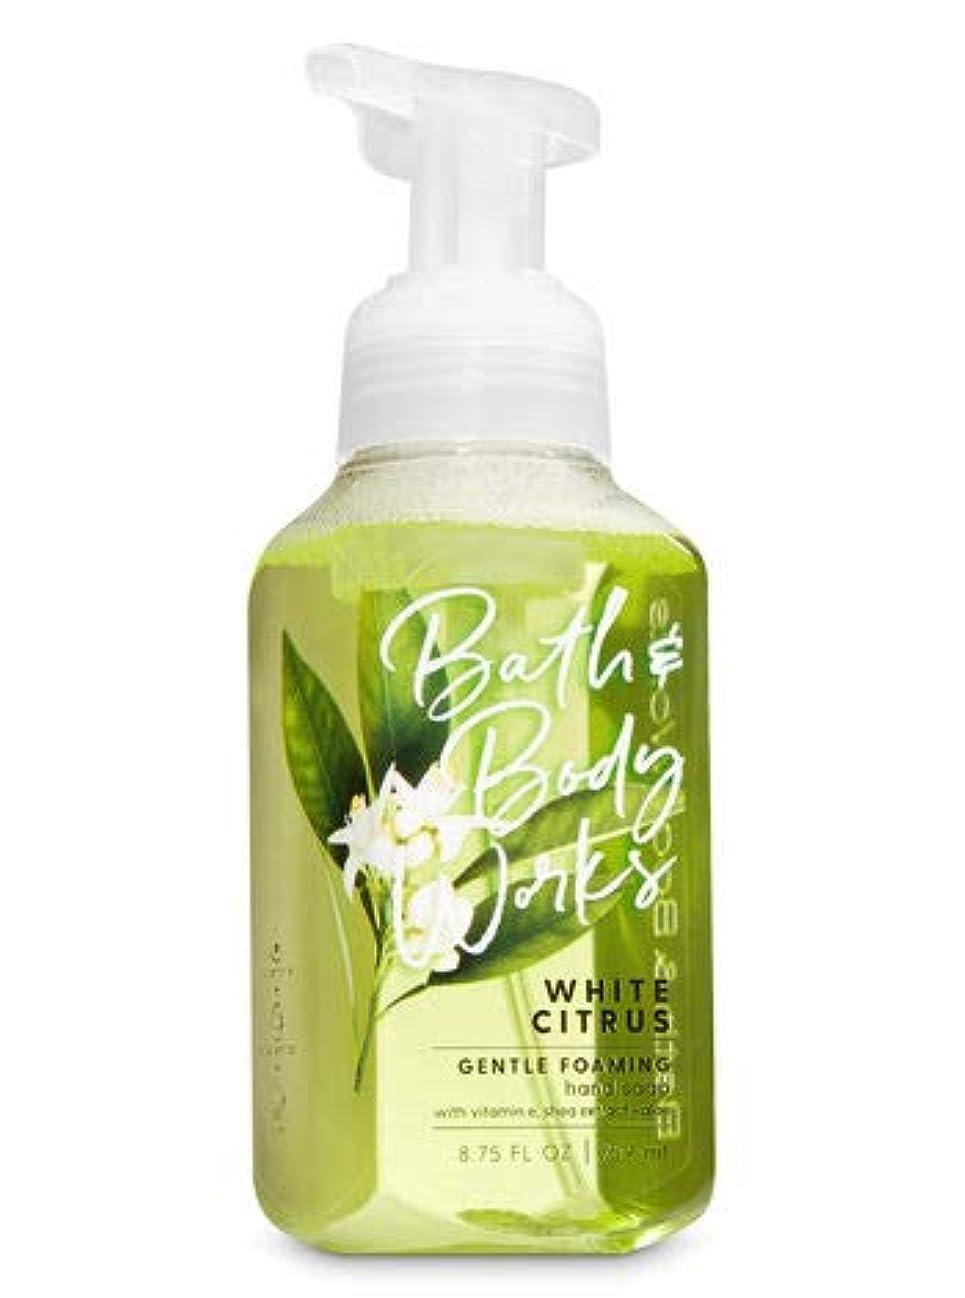 悪性メディア熱狂的なバス&ボディワークス ホワイトシトラス ジェントル フォーミング ハンドソープ White Citrus Gentle Foaming Hand Soap